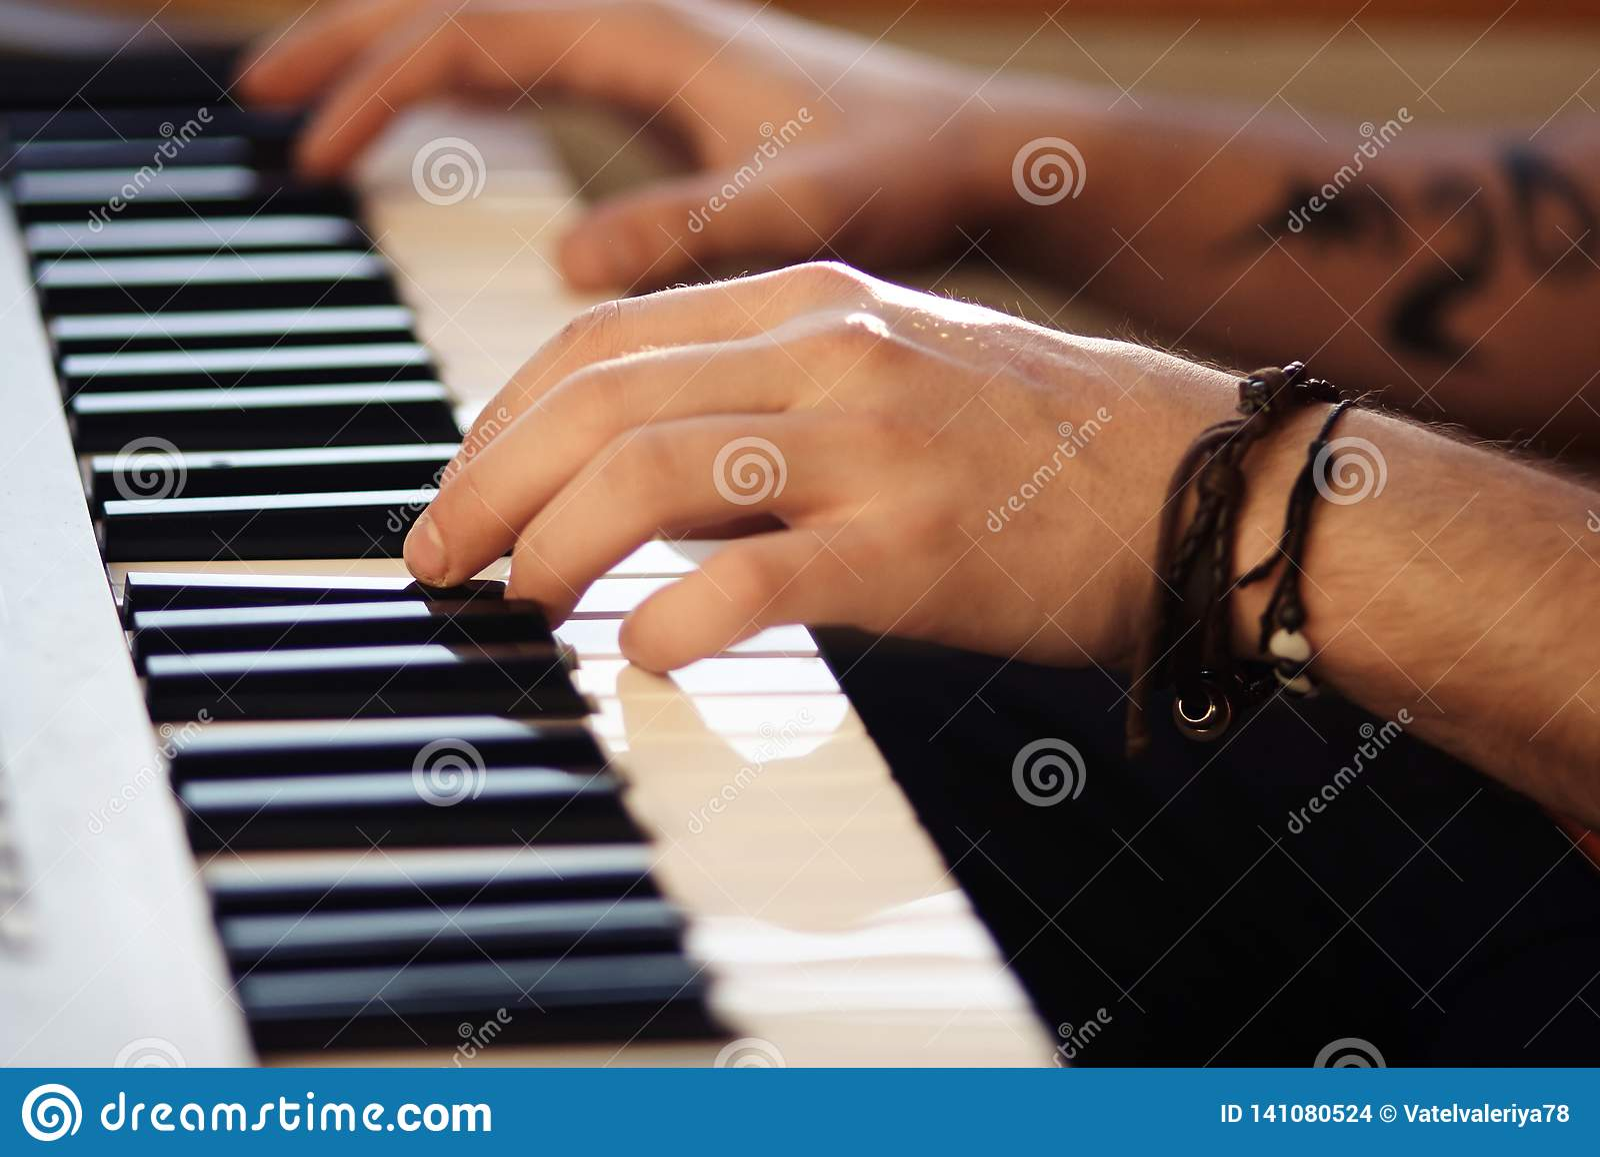 Όμορφο αρσενικό παιχνίδι χεριών στο σύγχρονο συνθέτη